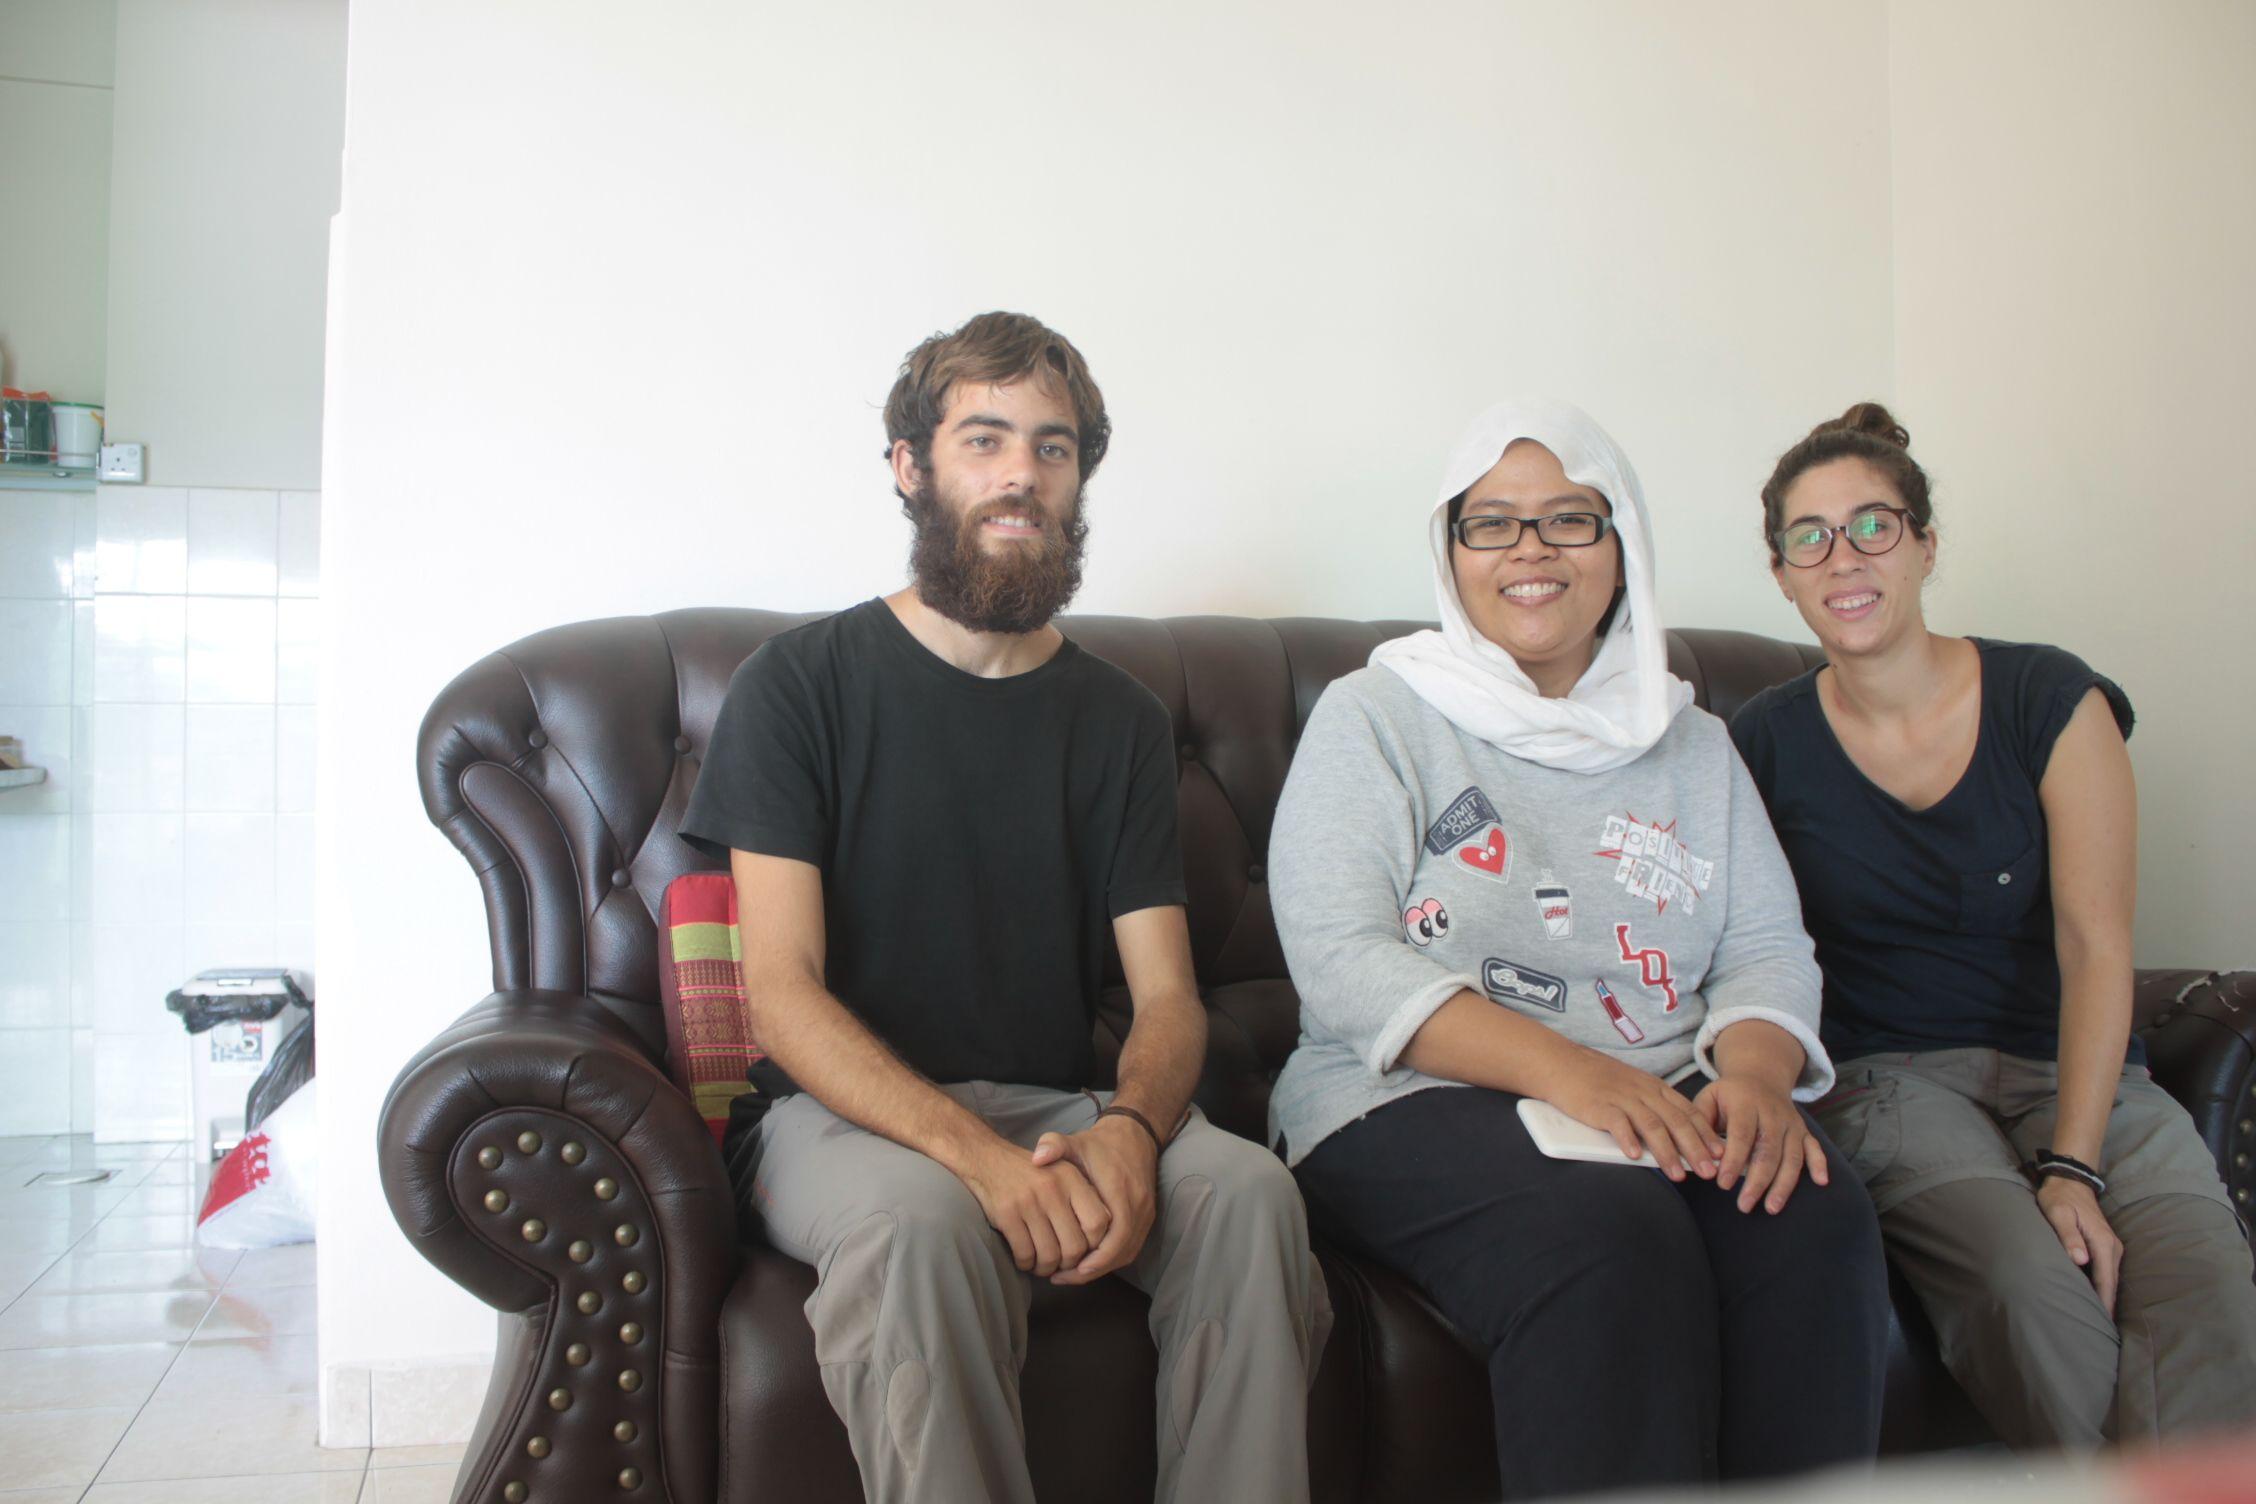 Con nuestra gran amfitriona, Noor :)